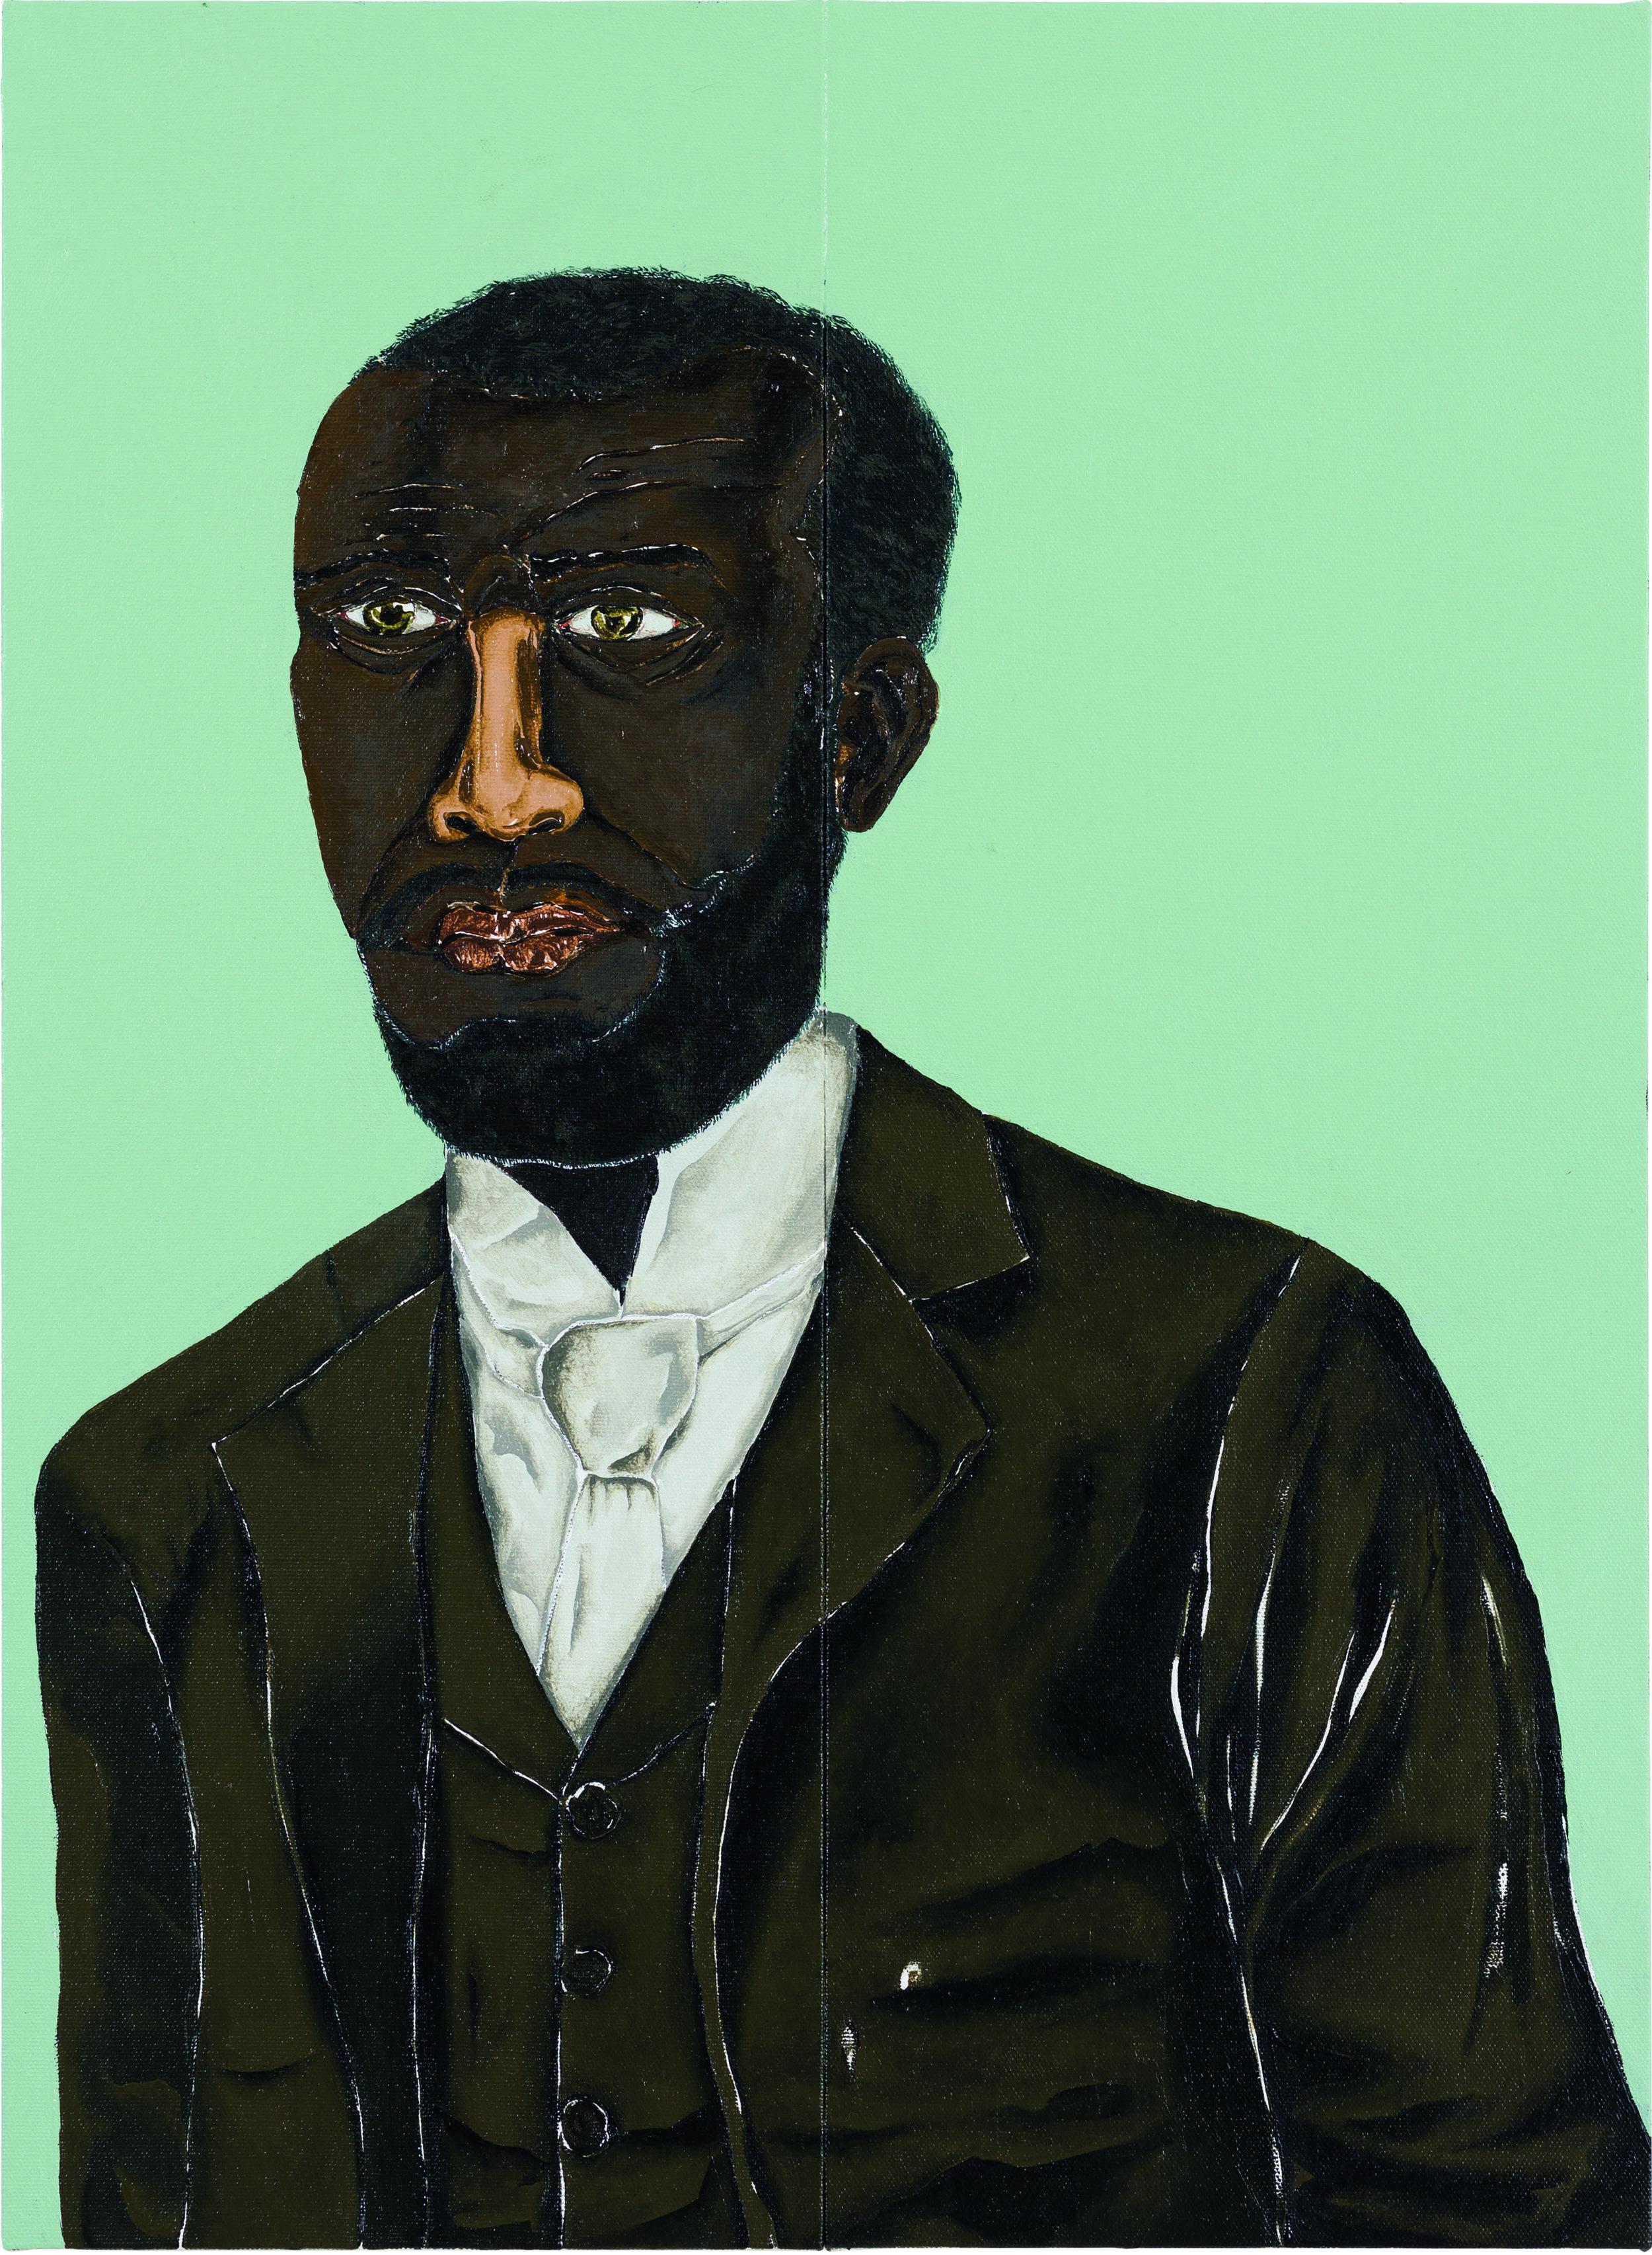 20. João de Deus, Dalton Paula, 2018. Afro-Atlantic Histories exhibition at Museu de Artes de São Paulo (MASP). Courtesy of MASP, São Paulo.